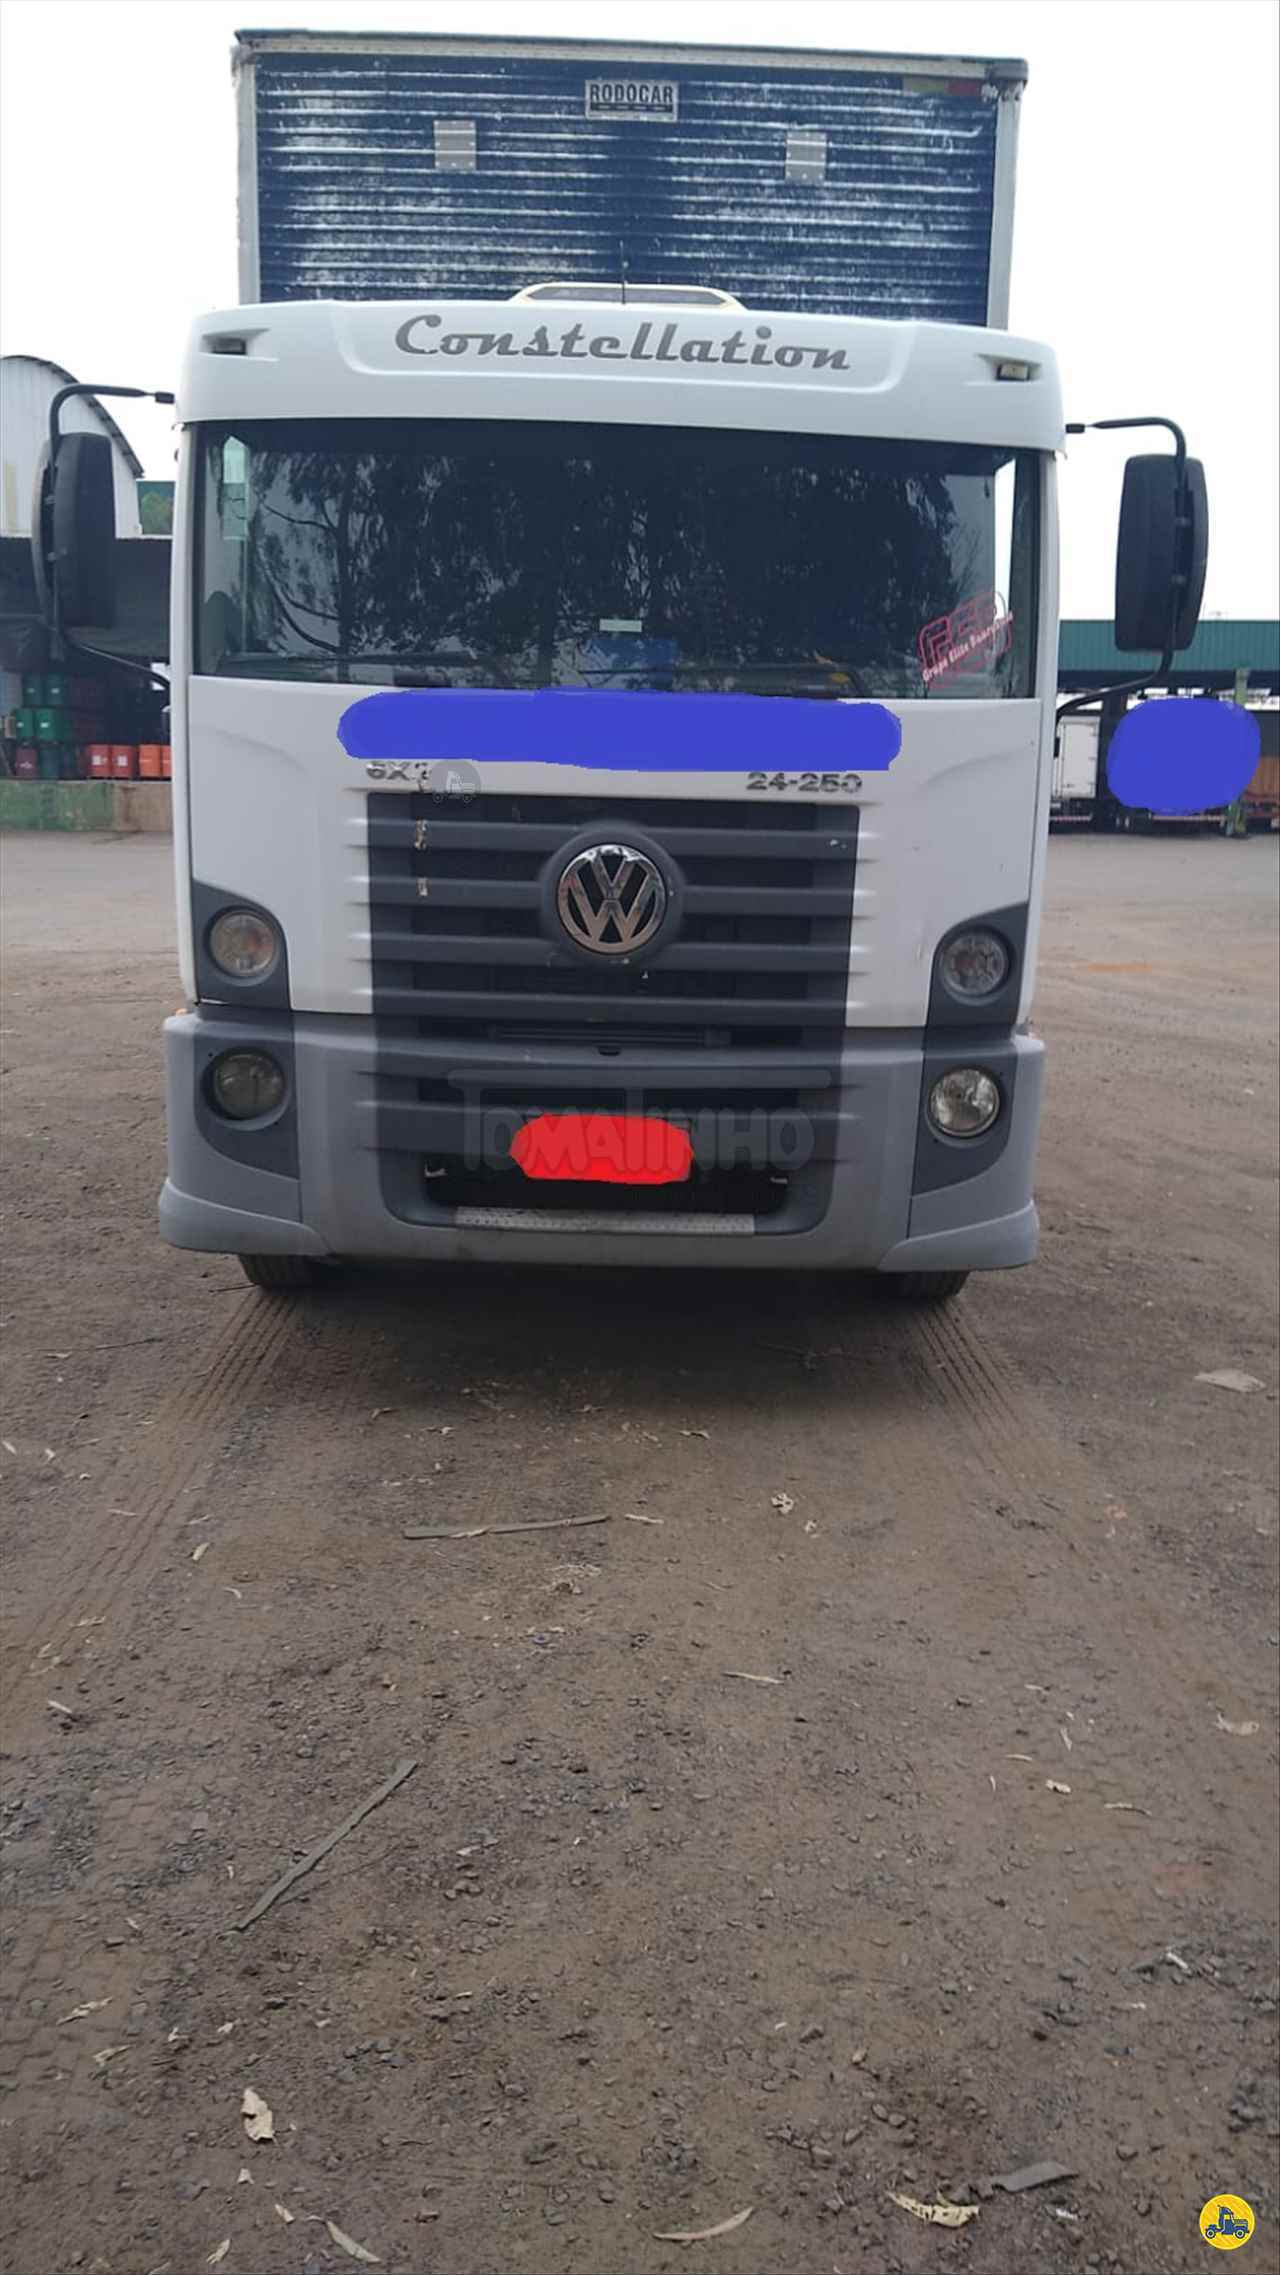 CAMINHAO VOLKSWAGEN VW 24250 Baú Furgão Truck 6x2 Tomatinho Caminhões BAURU SÃO PAULO SP